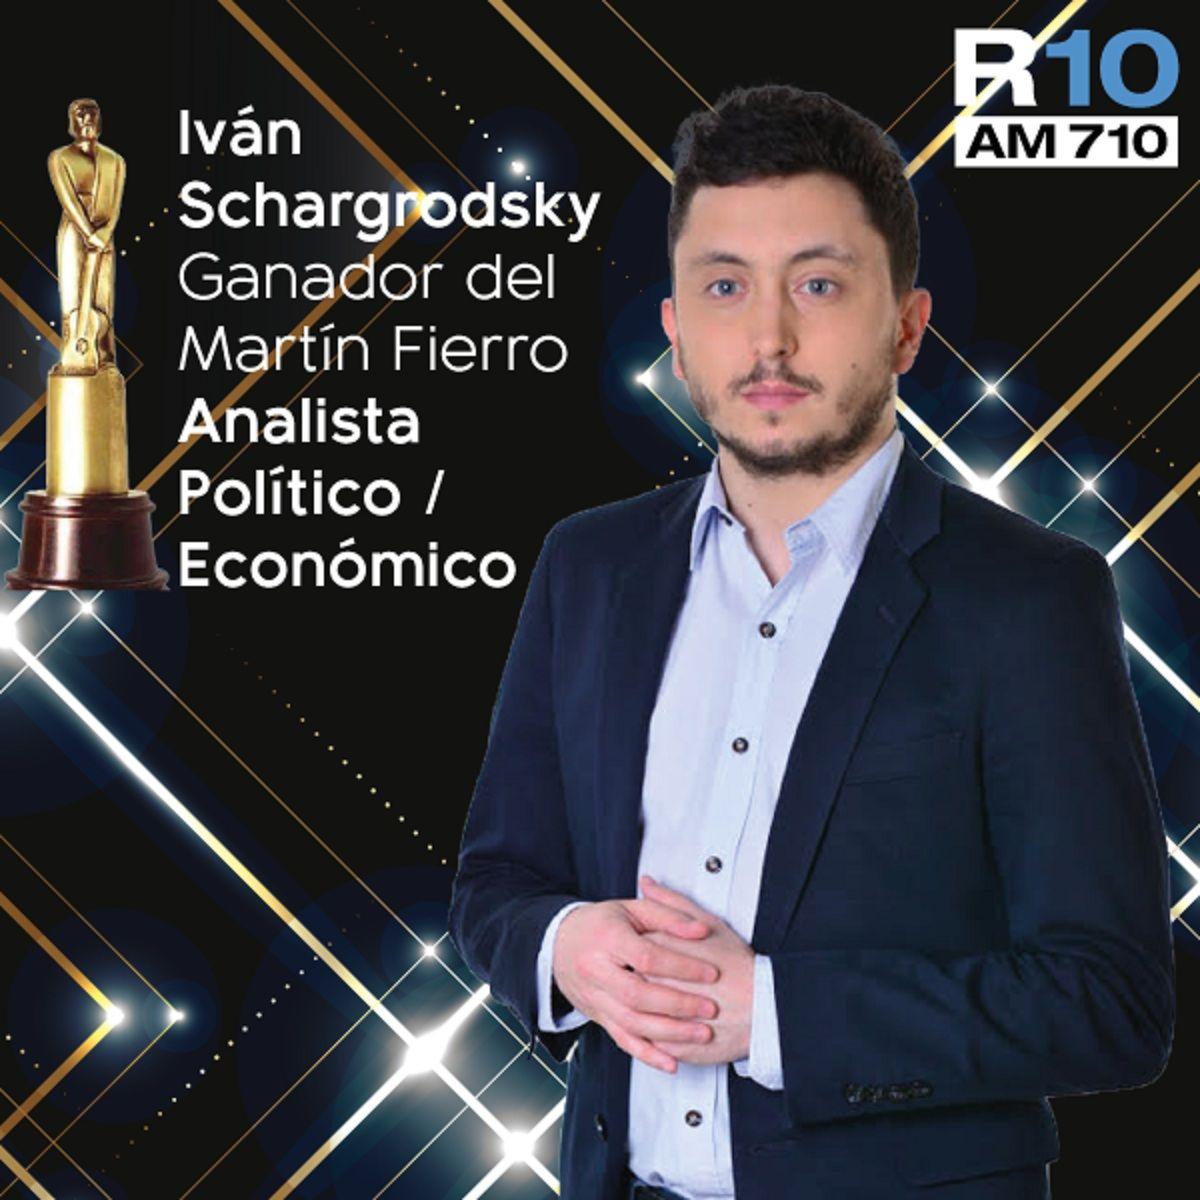 Iván Schargrodsky